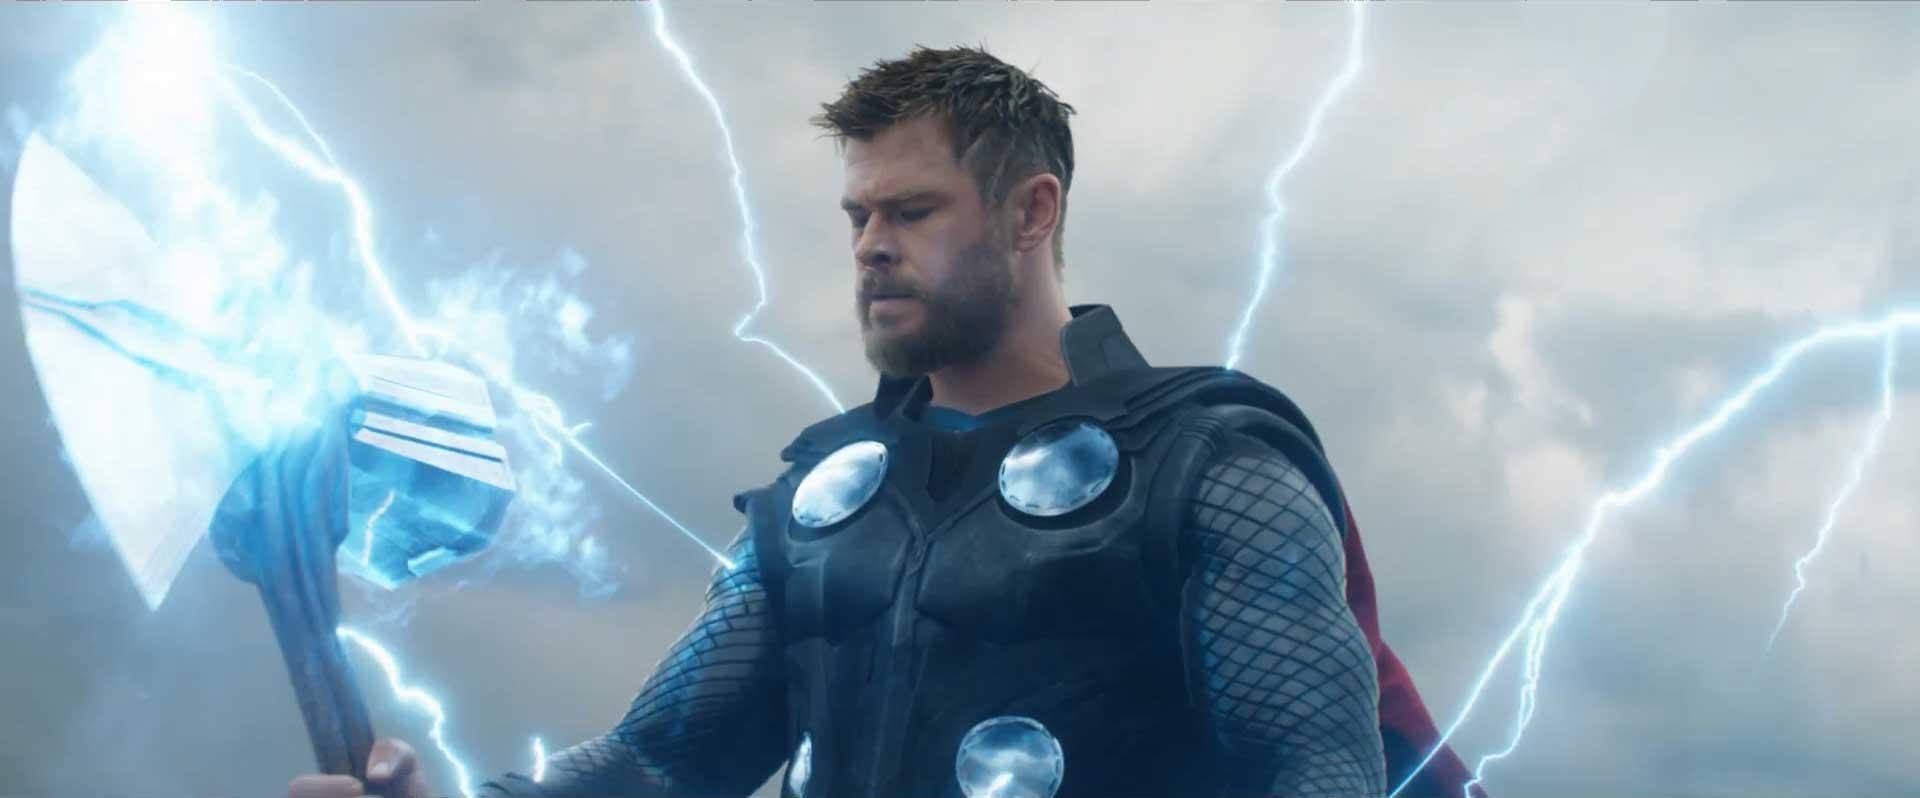 Avengers Endgame Trailer 2 Breakdown - Thor Stormbreaker Infinity War